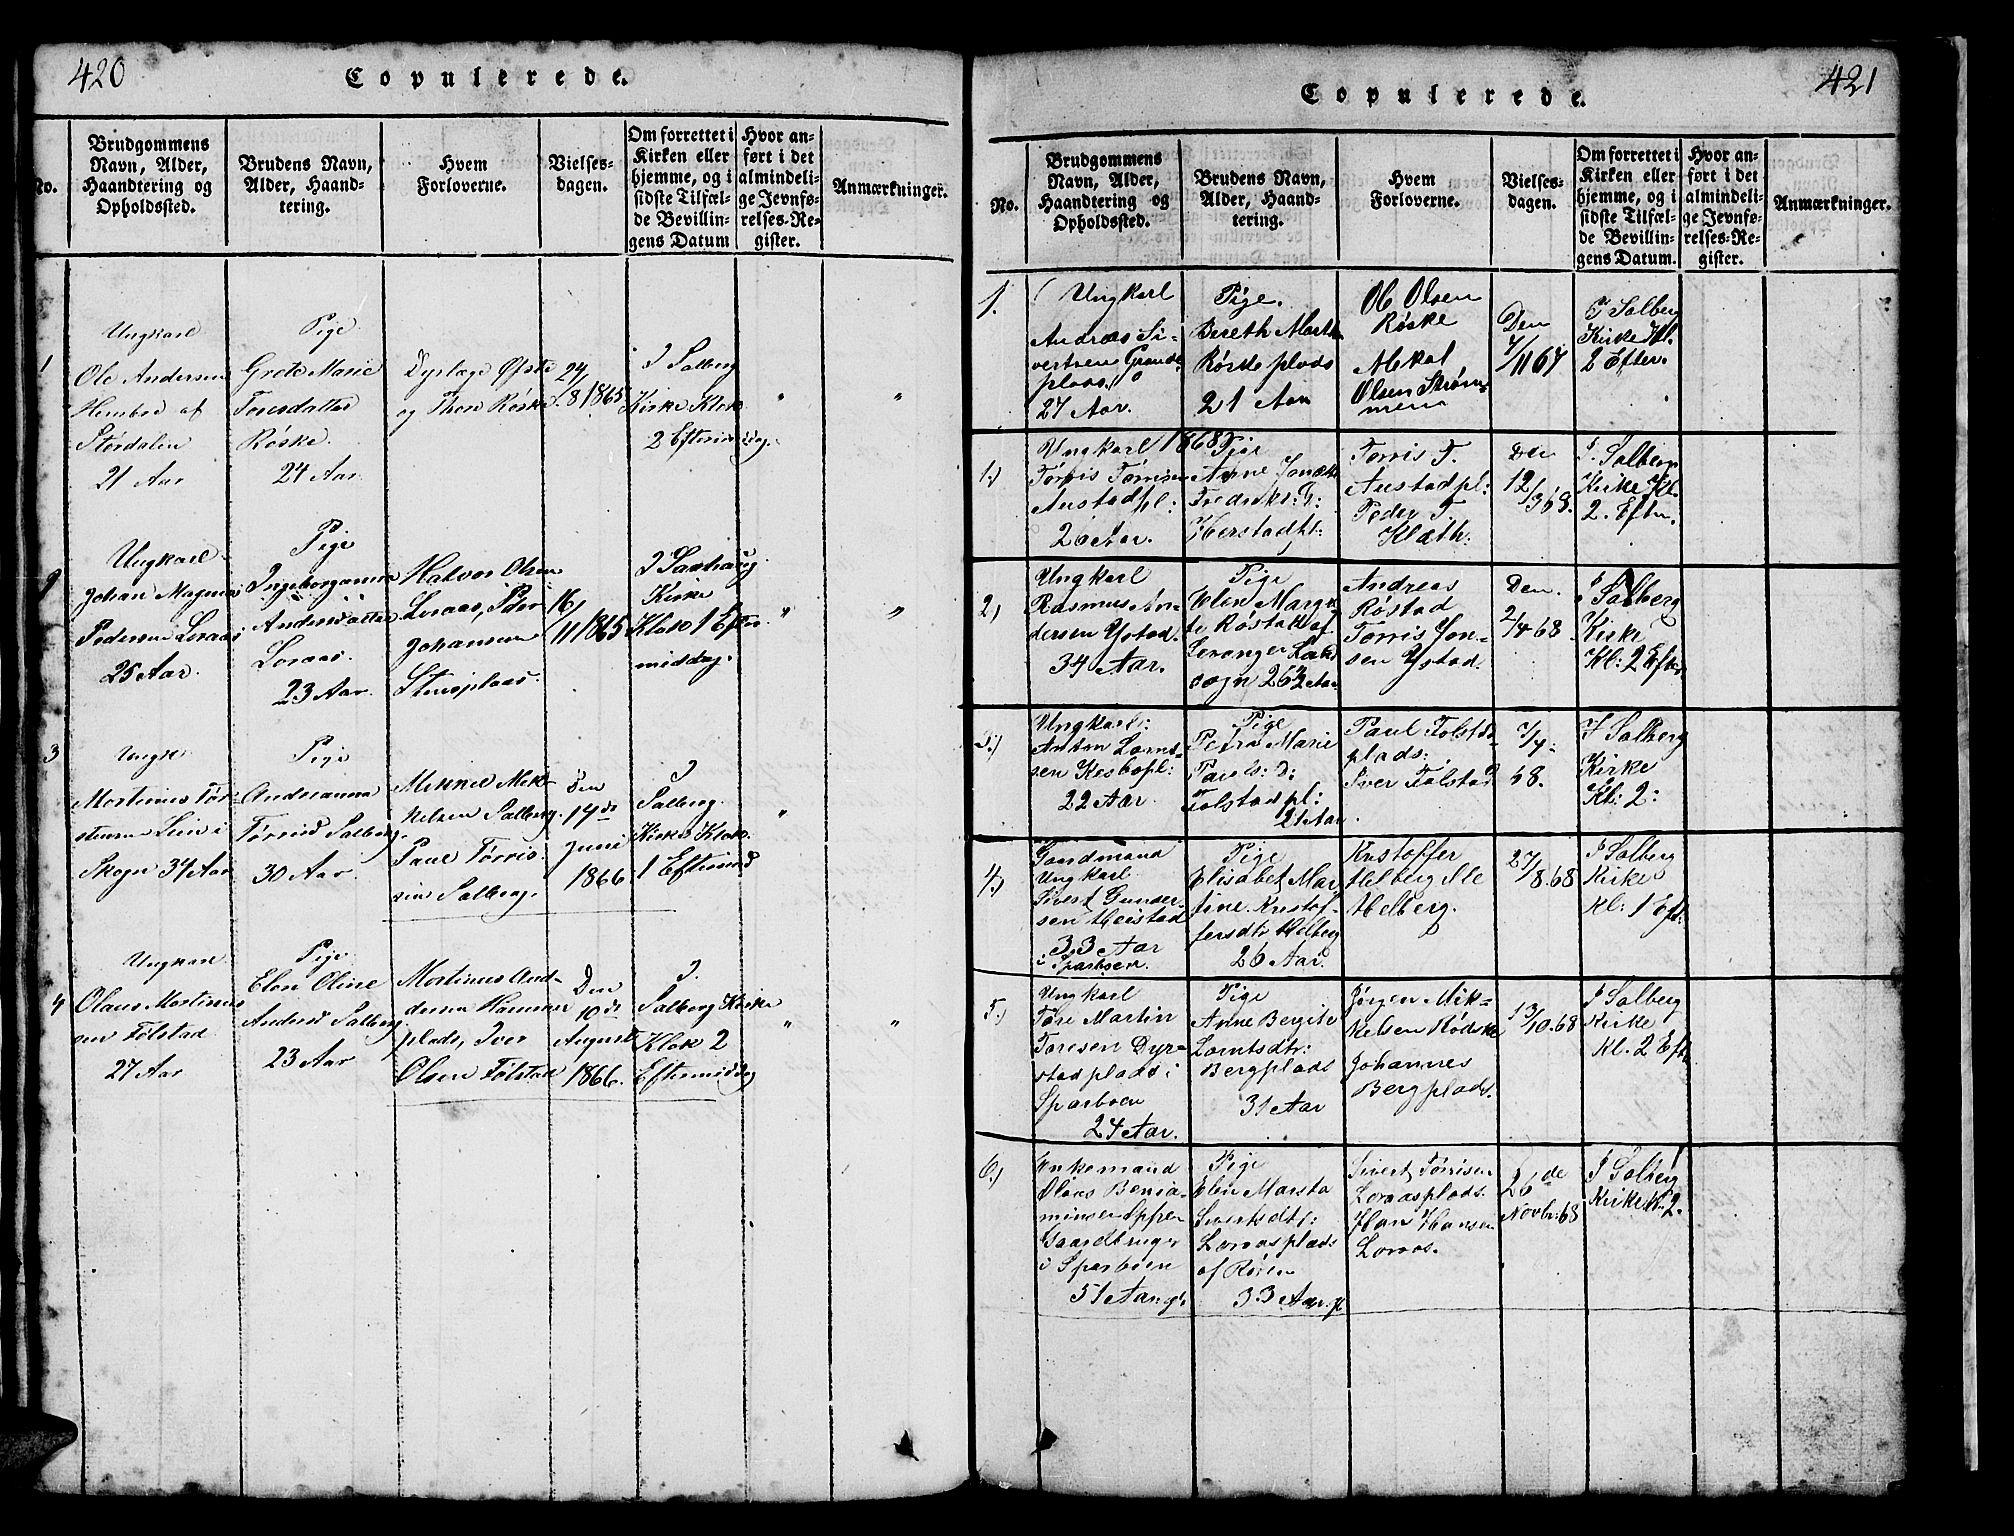 SAT, Ministerialprotokoller, klokkerbøker og fødselsregistre - Nord-Trøndelag, 731/L0310: Klokkerbok nr. 731C01, 1816-1874, s. 420-421